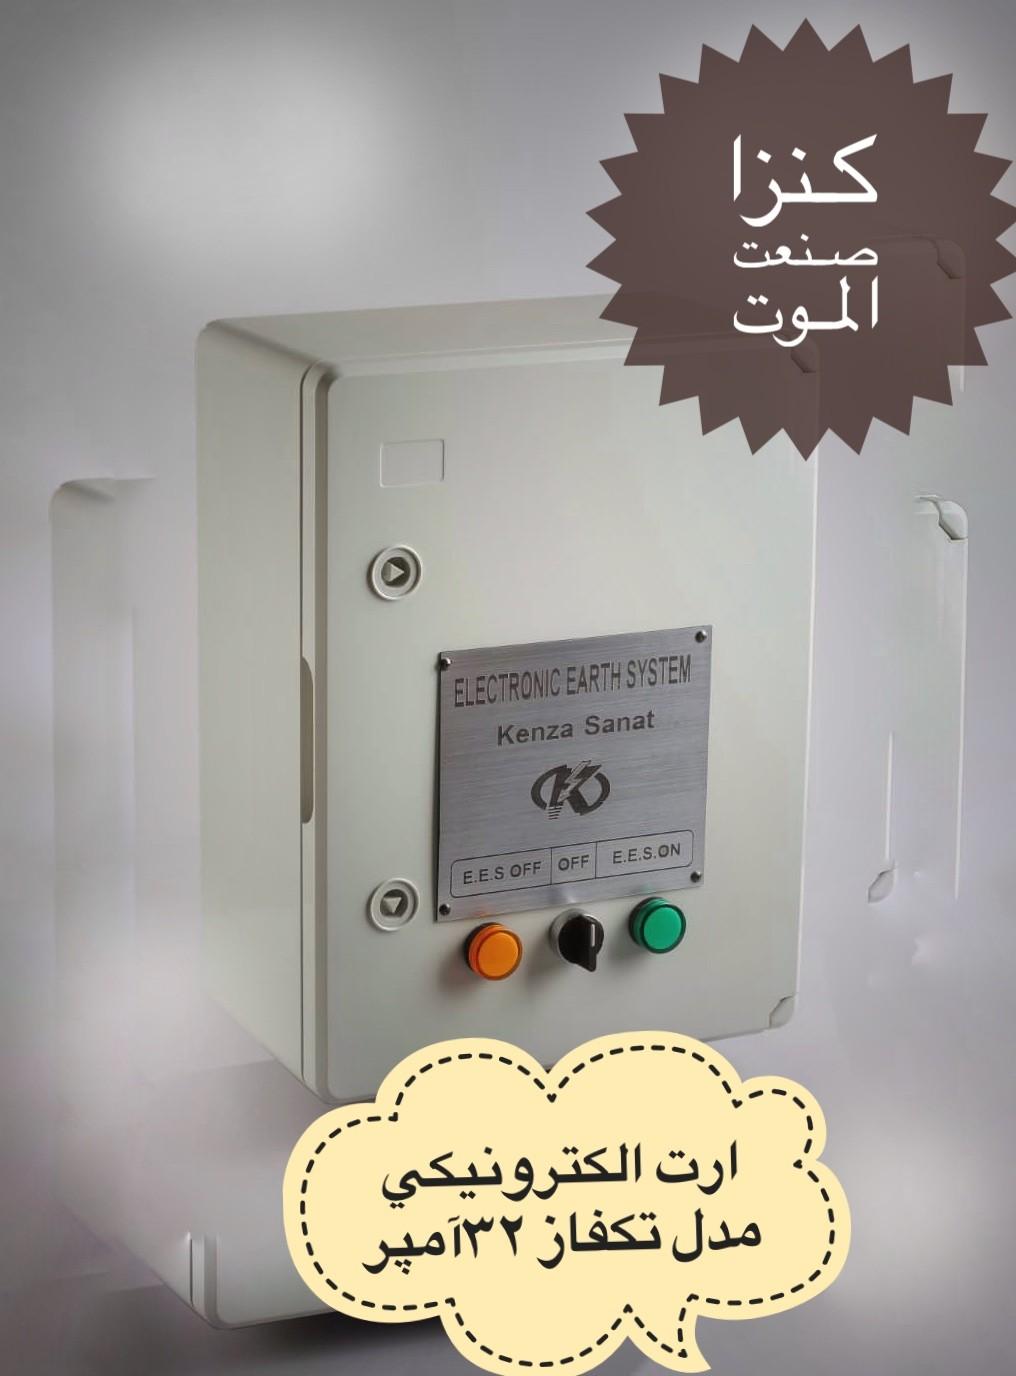 390C835F-900F-40CC-93F4-D5DC32995C40